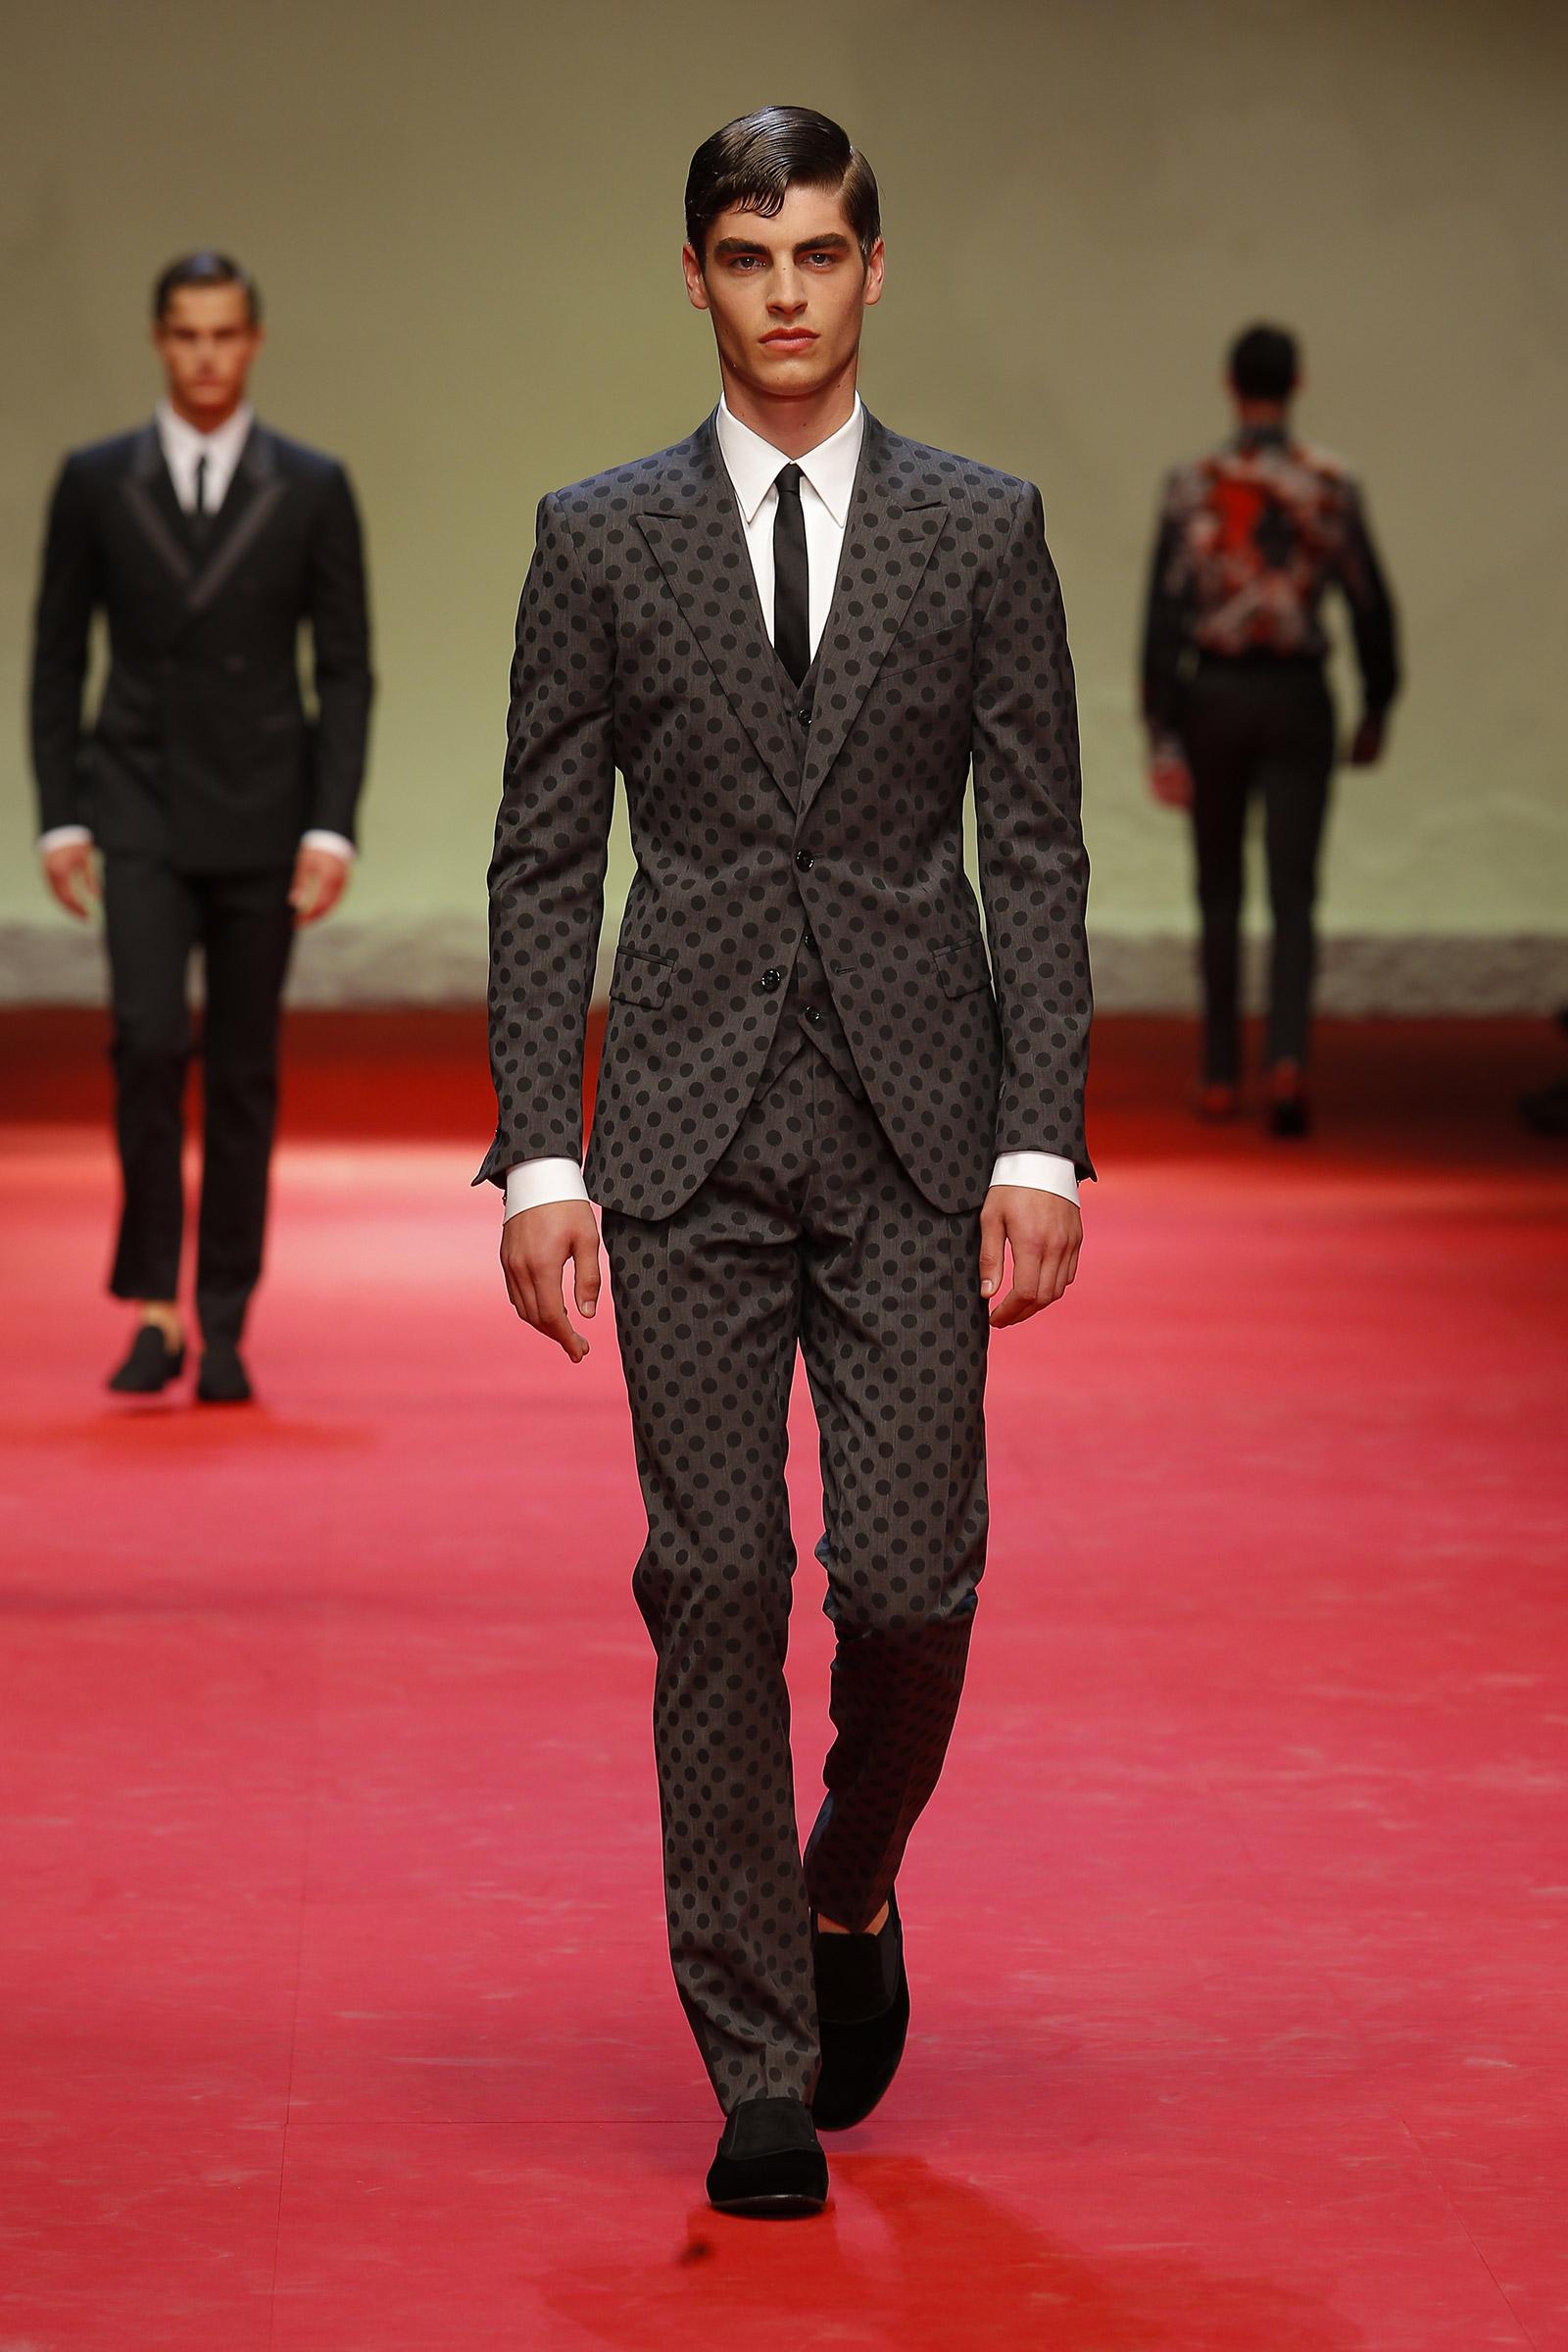 Vestiti Matrimonio Uomo Dolce E Gabbana : Abiti uomo cerimonia dolce e gabbana u abiti in pizzo